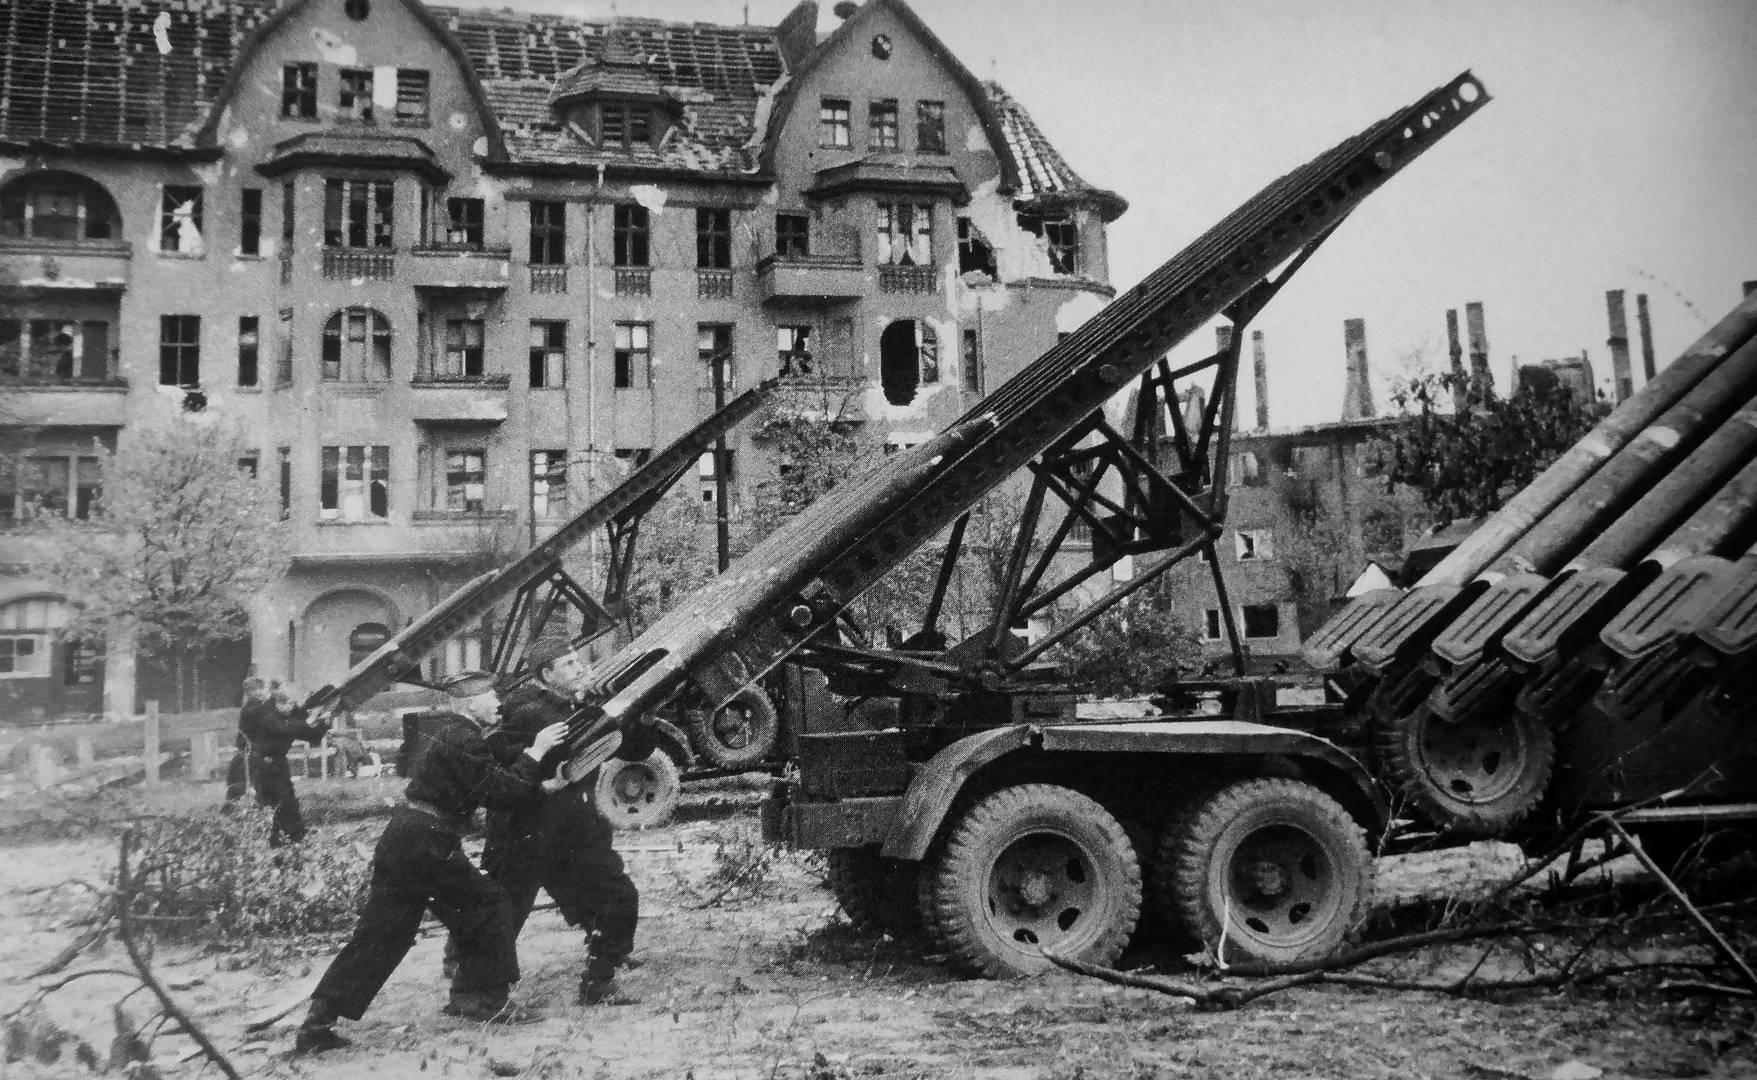 Марк Редькин. Советские артиллеристы готовят к залпу реактивный миномет БМ-13 «Катюша» во время боев в Берлине. 29 апреля 1945 г.